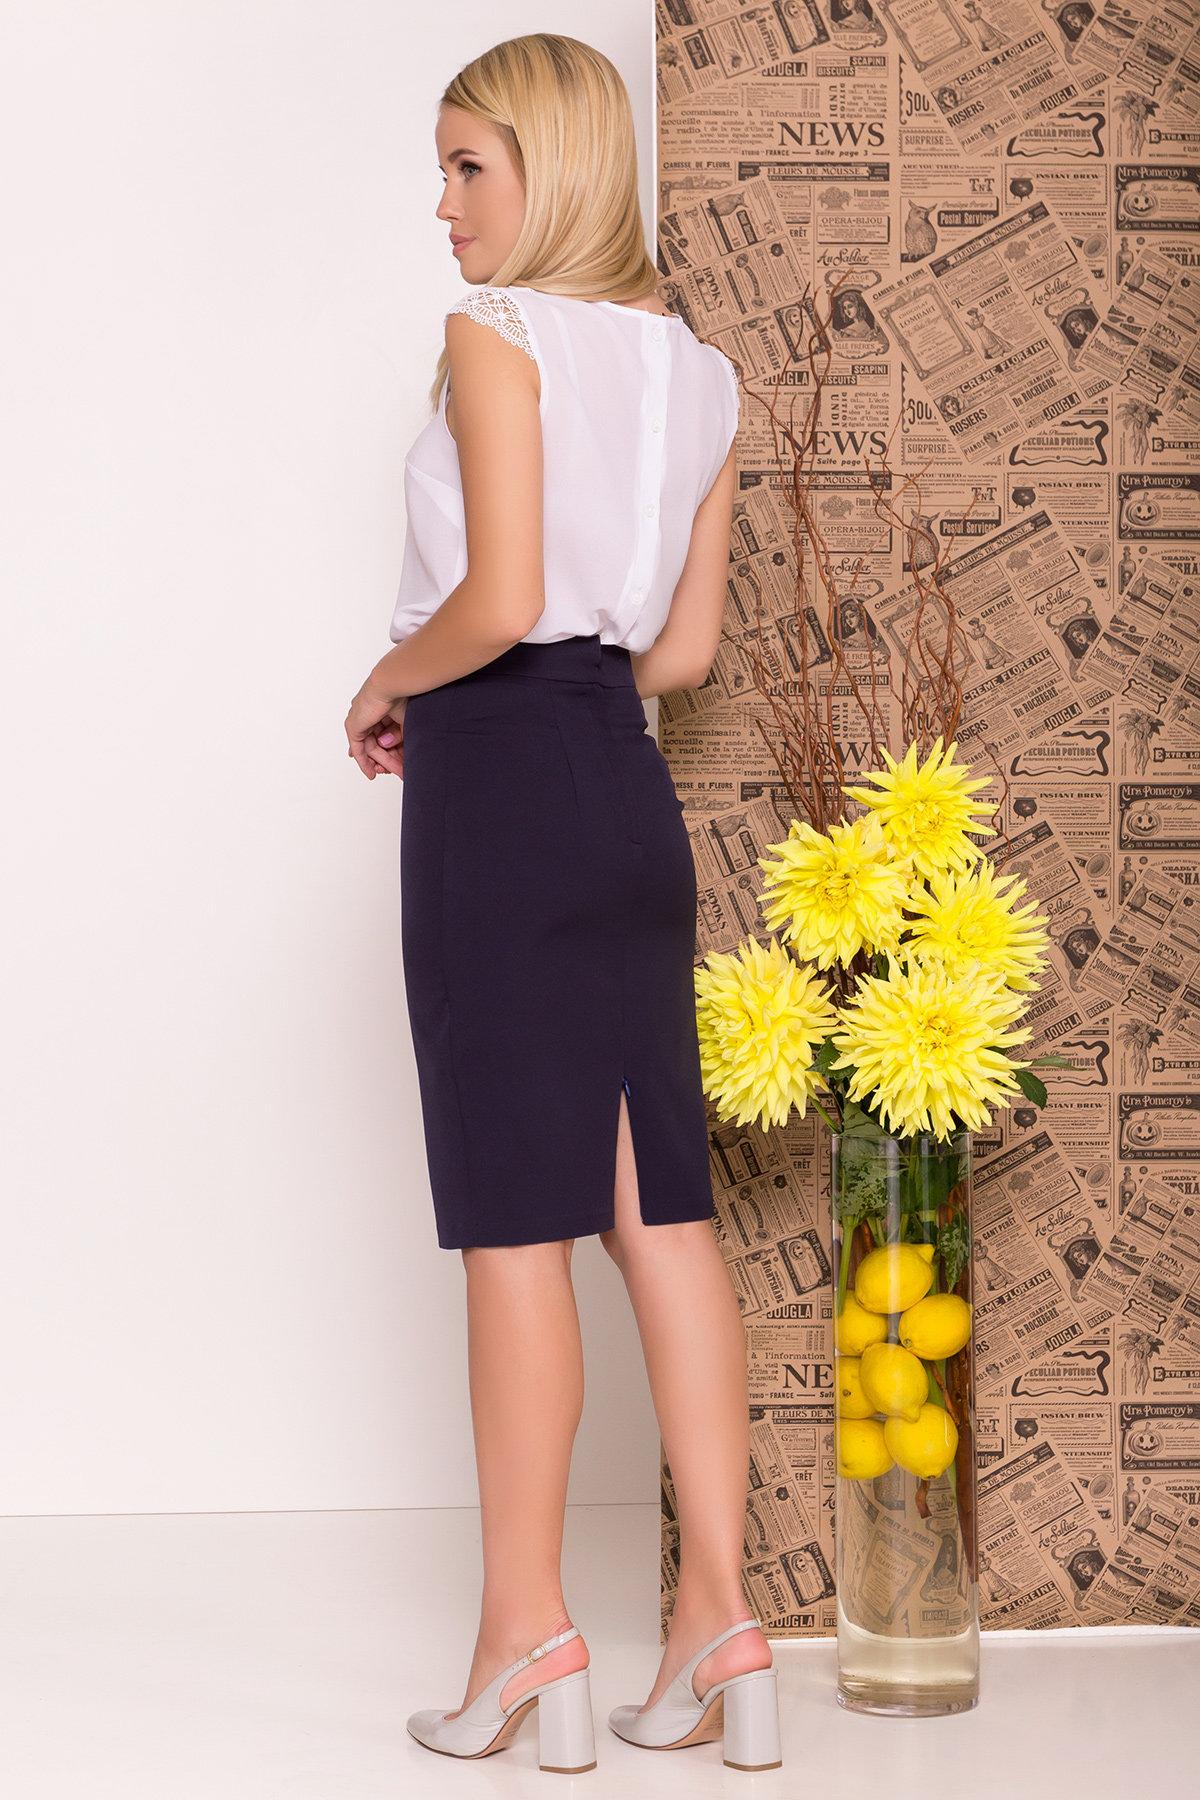 Блуза Алмея 7662 АРТ. 43605 Цвет: Белый (1) - фото 6, интернет магазин tm-modus.ru